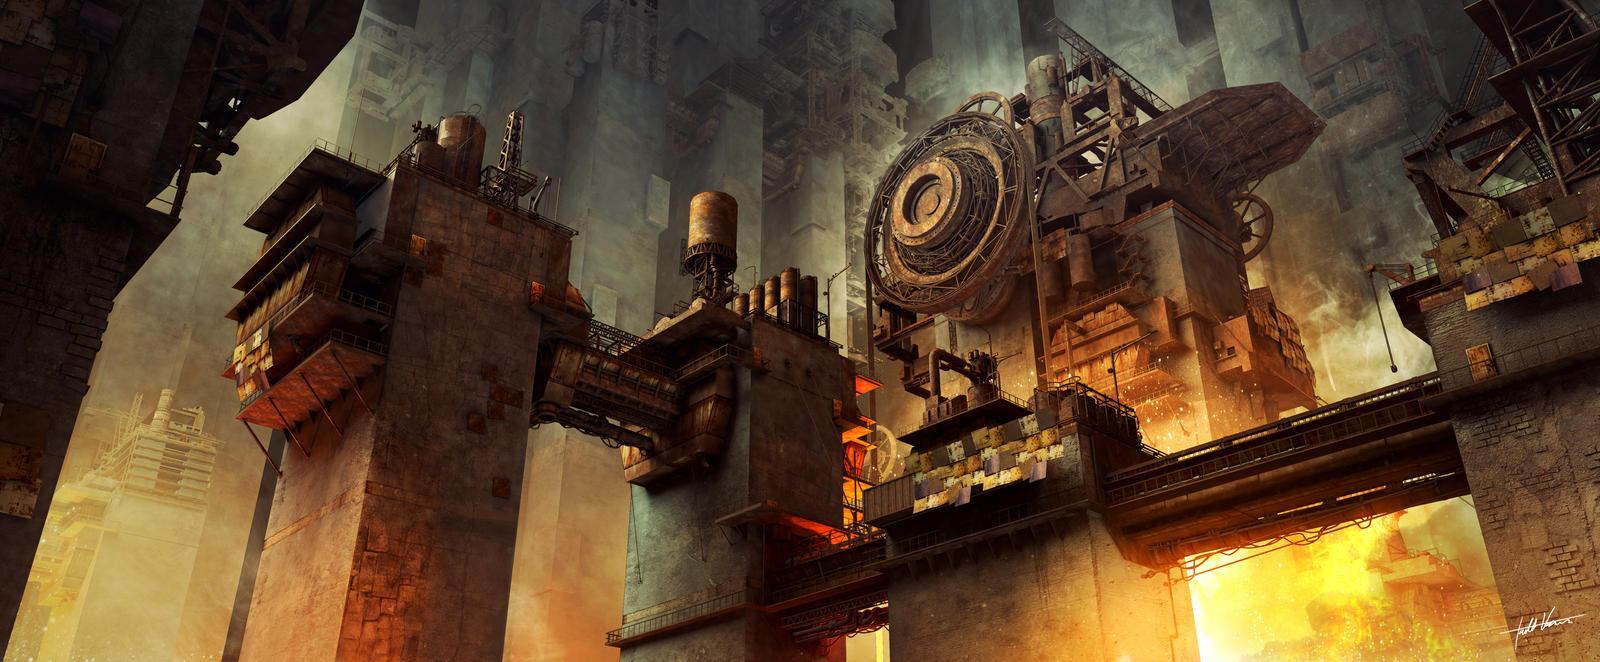 Galeria de Arte: Ficção & Fantasia 1 Hellfire_quarry_by_darkki1-d72bmec